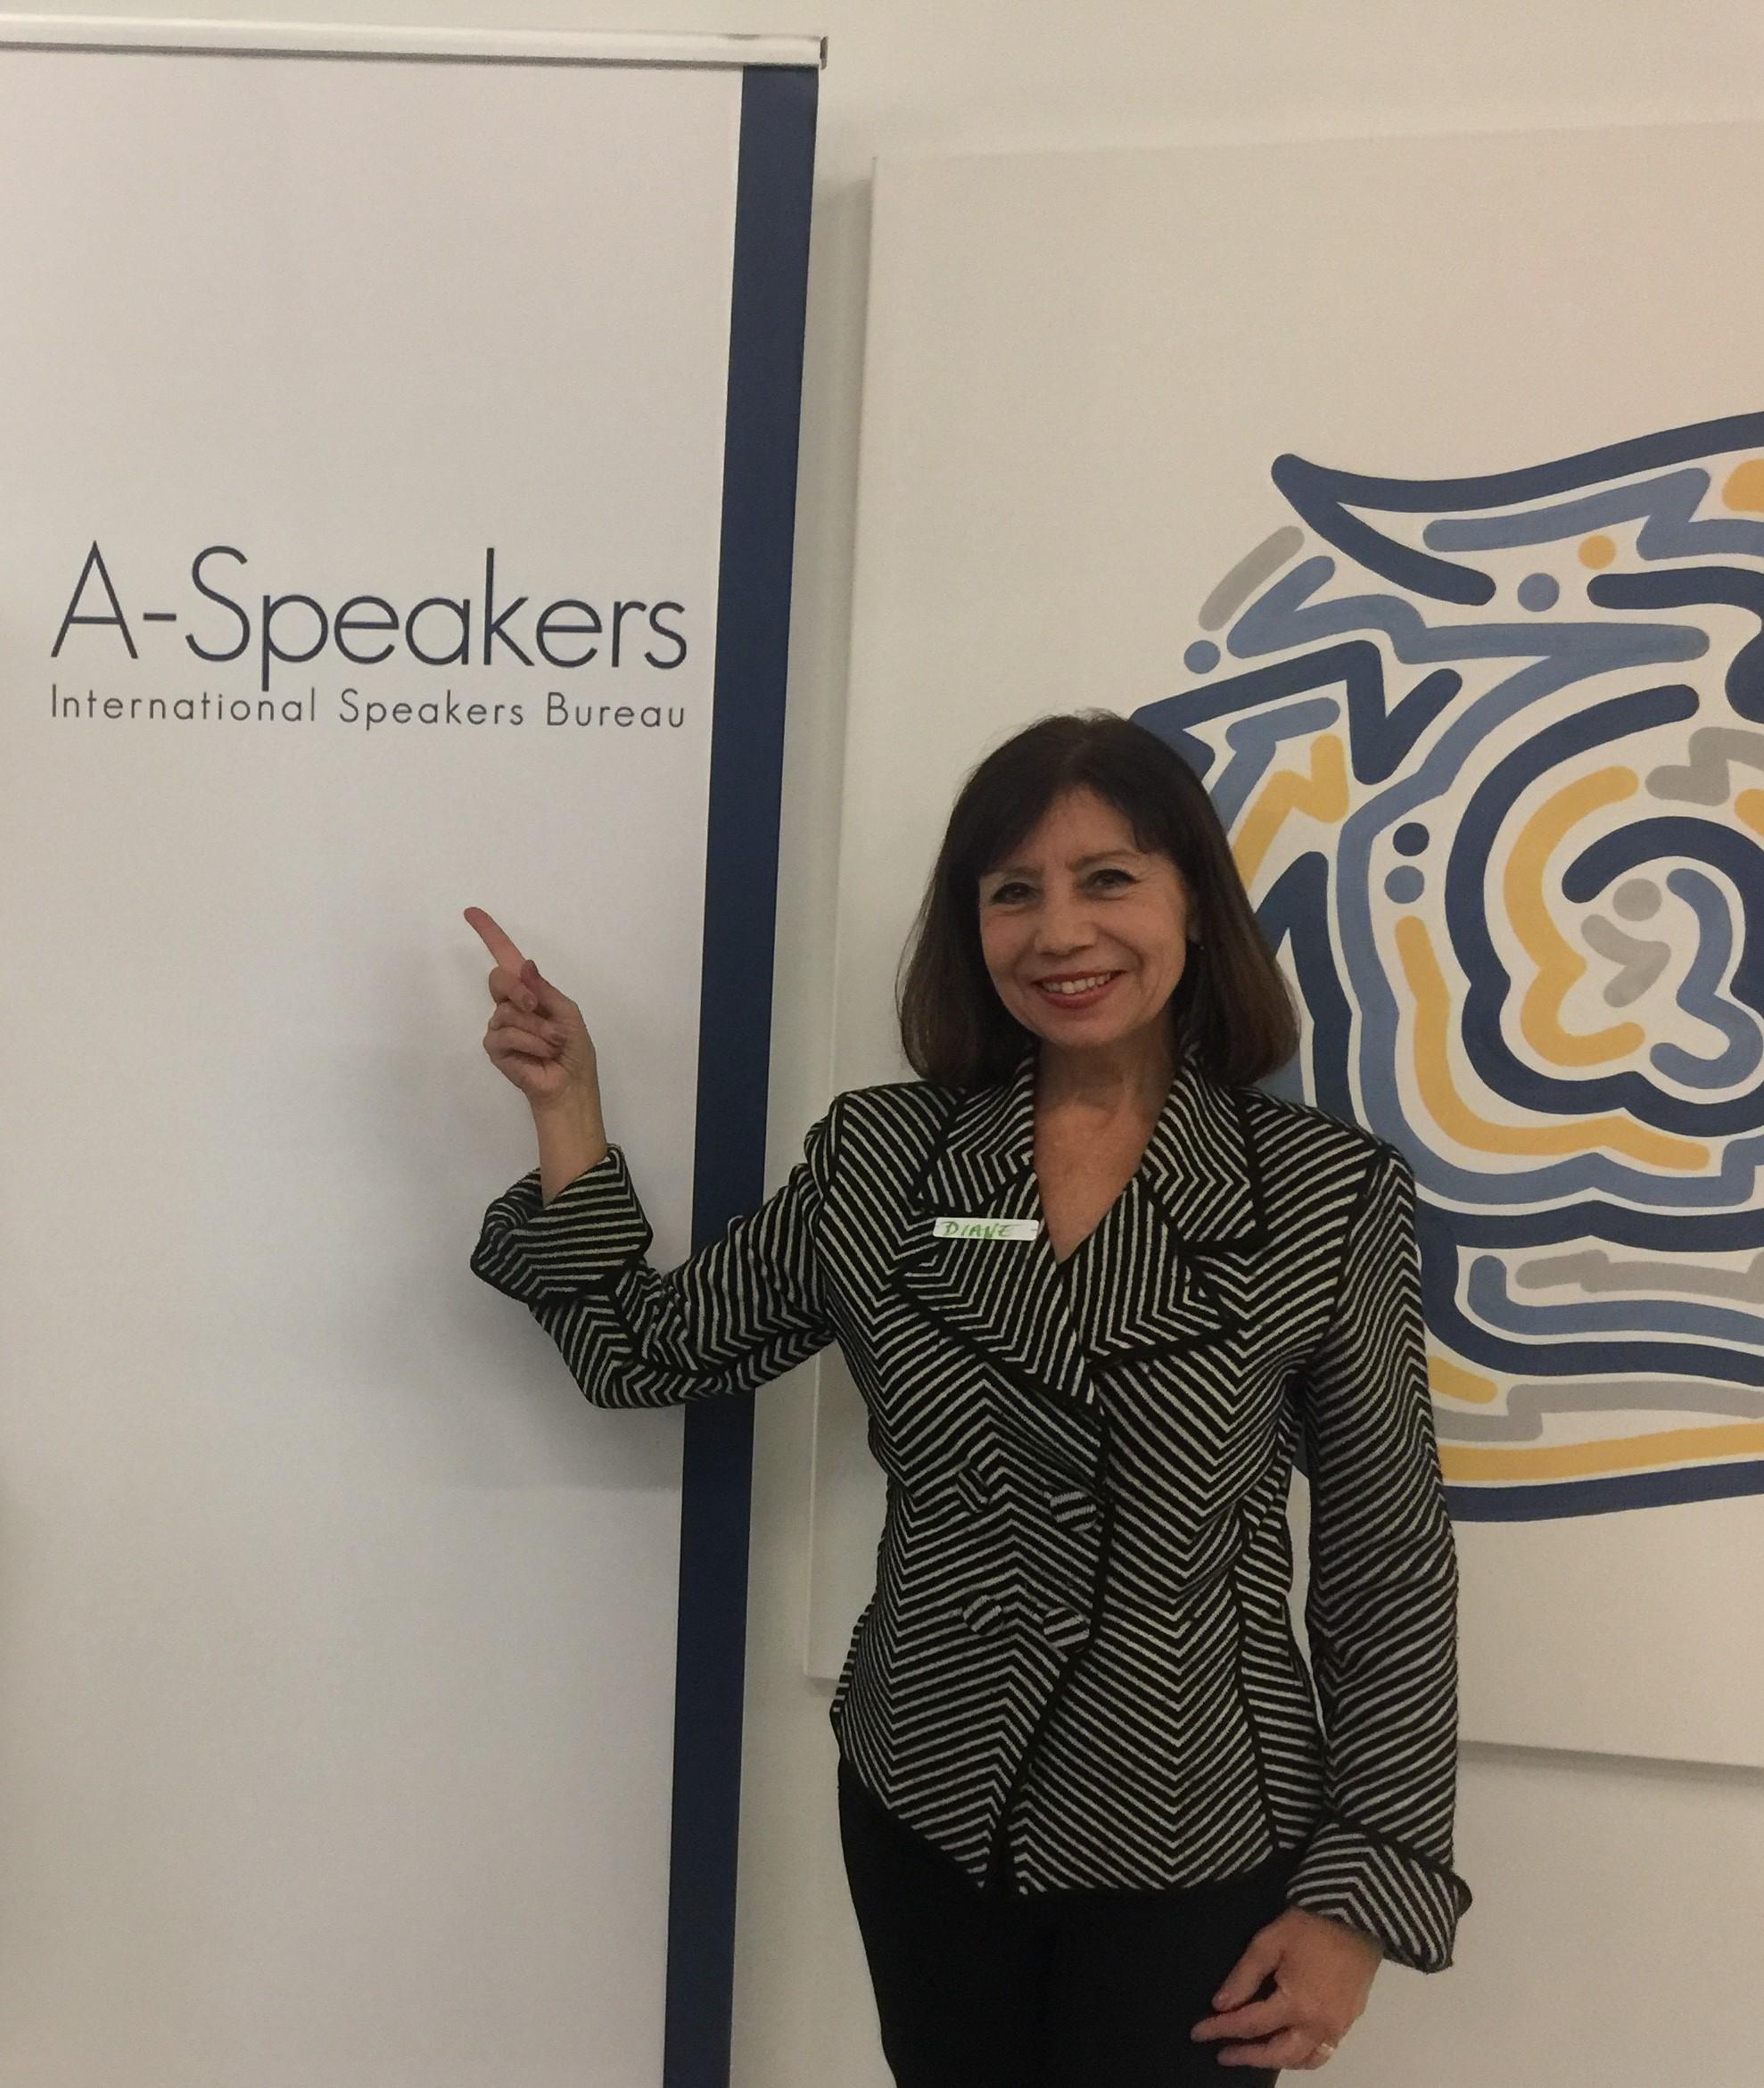 A-Speakers.jpg